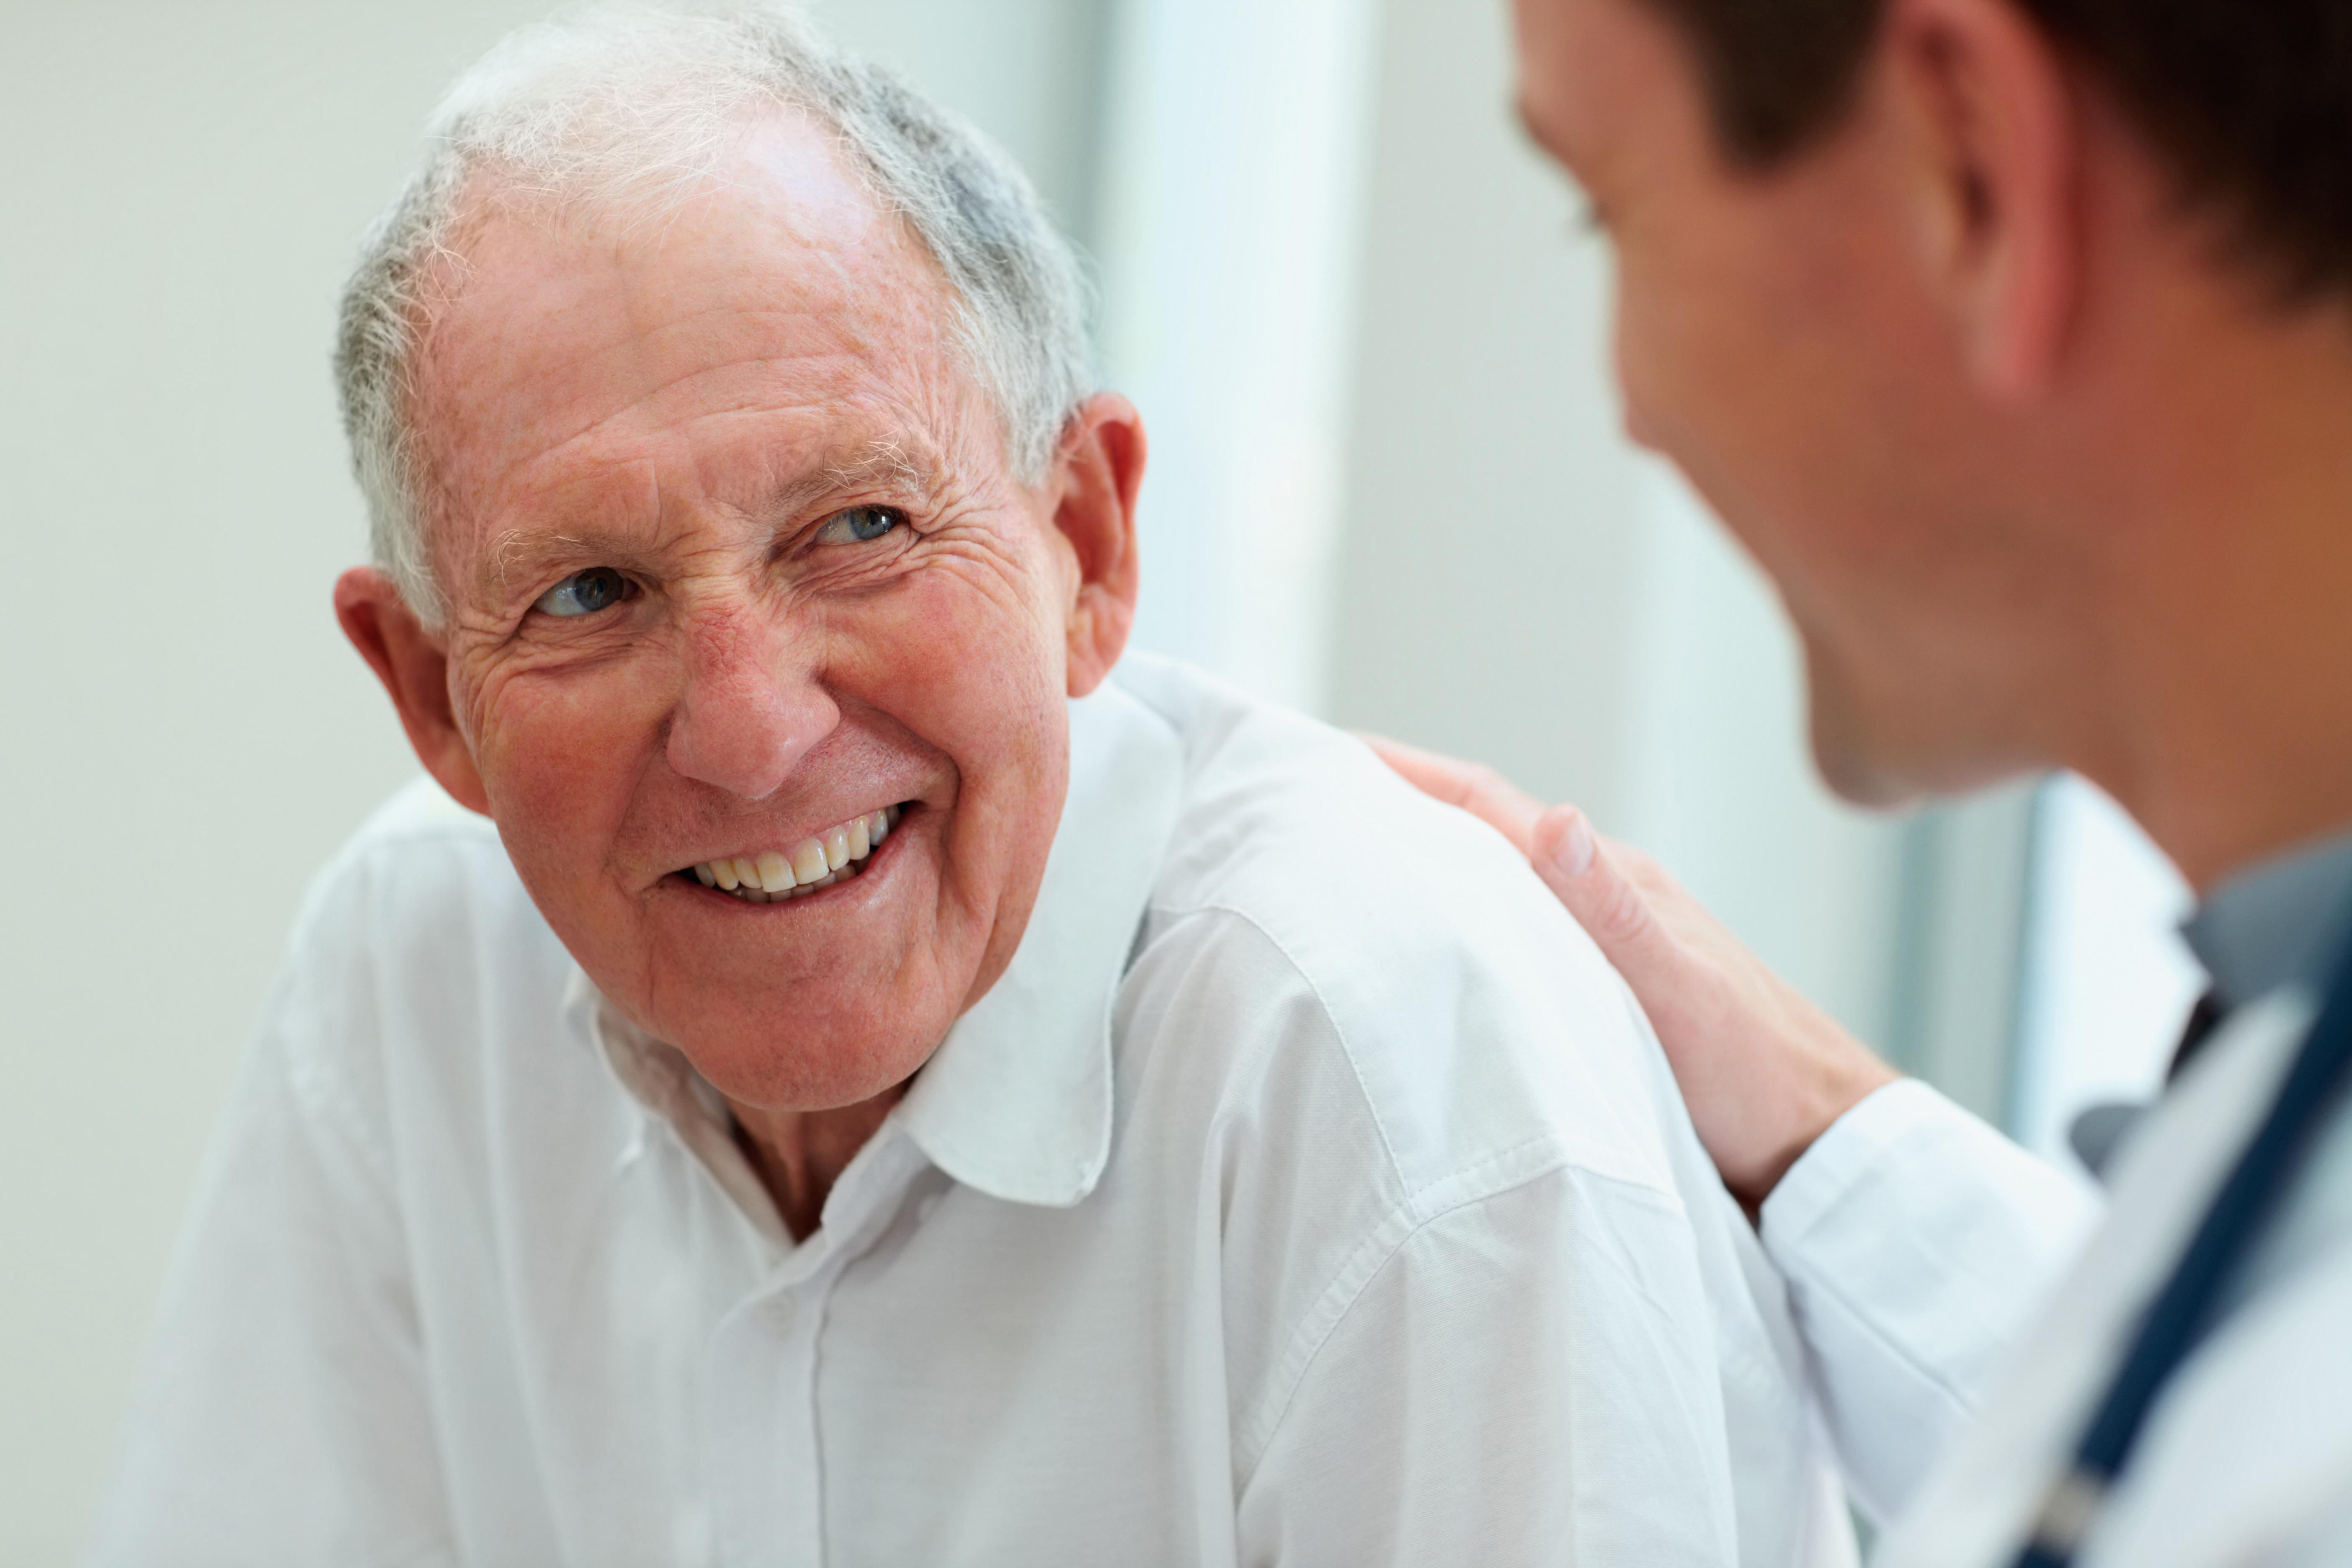 Ameliyata Girecek Hastalardan İstenen Tahliller Nelerdir?